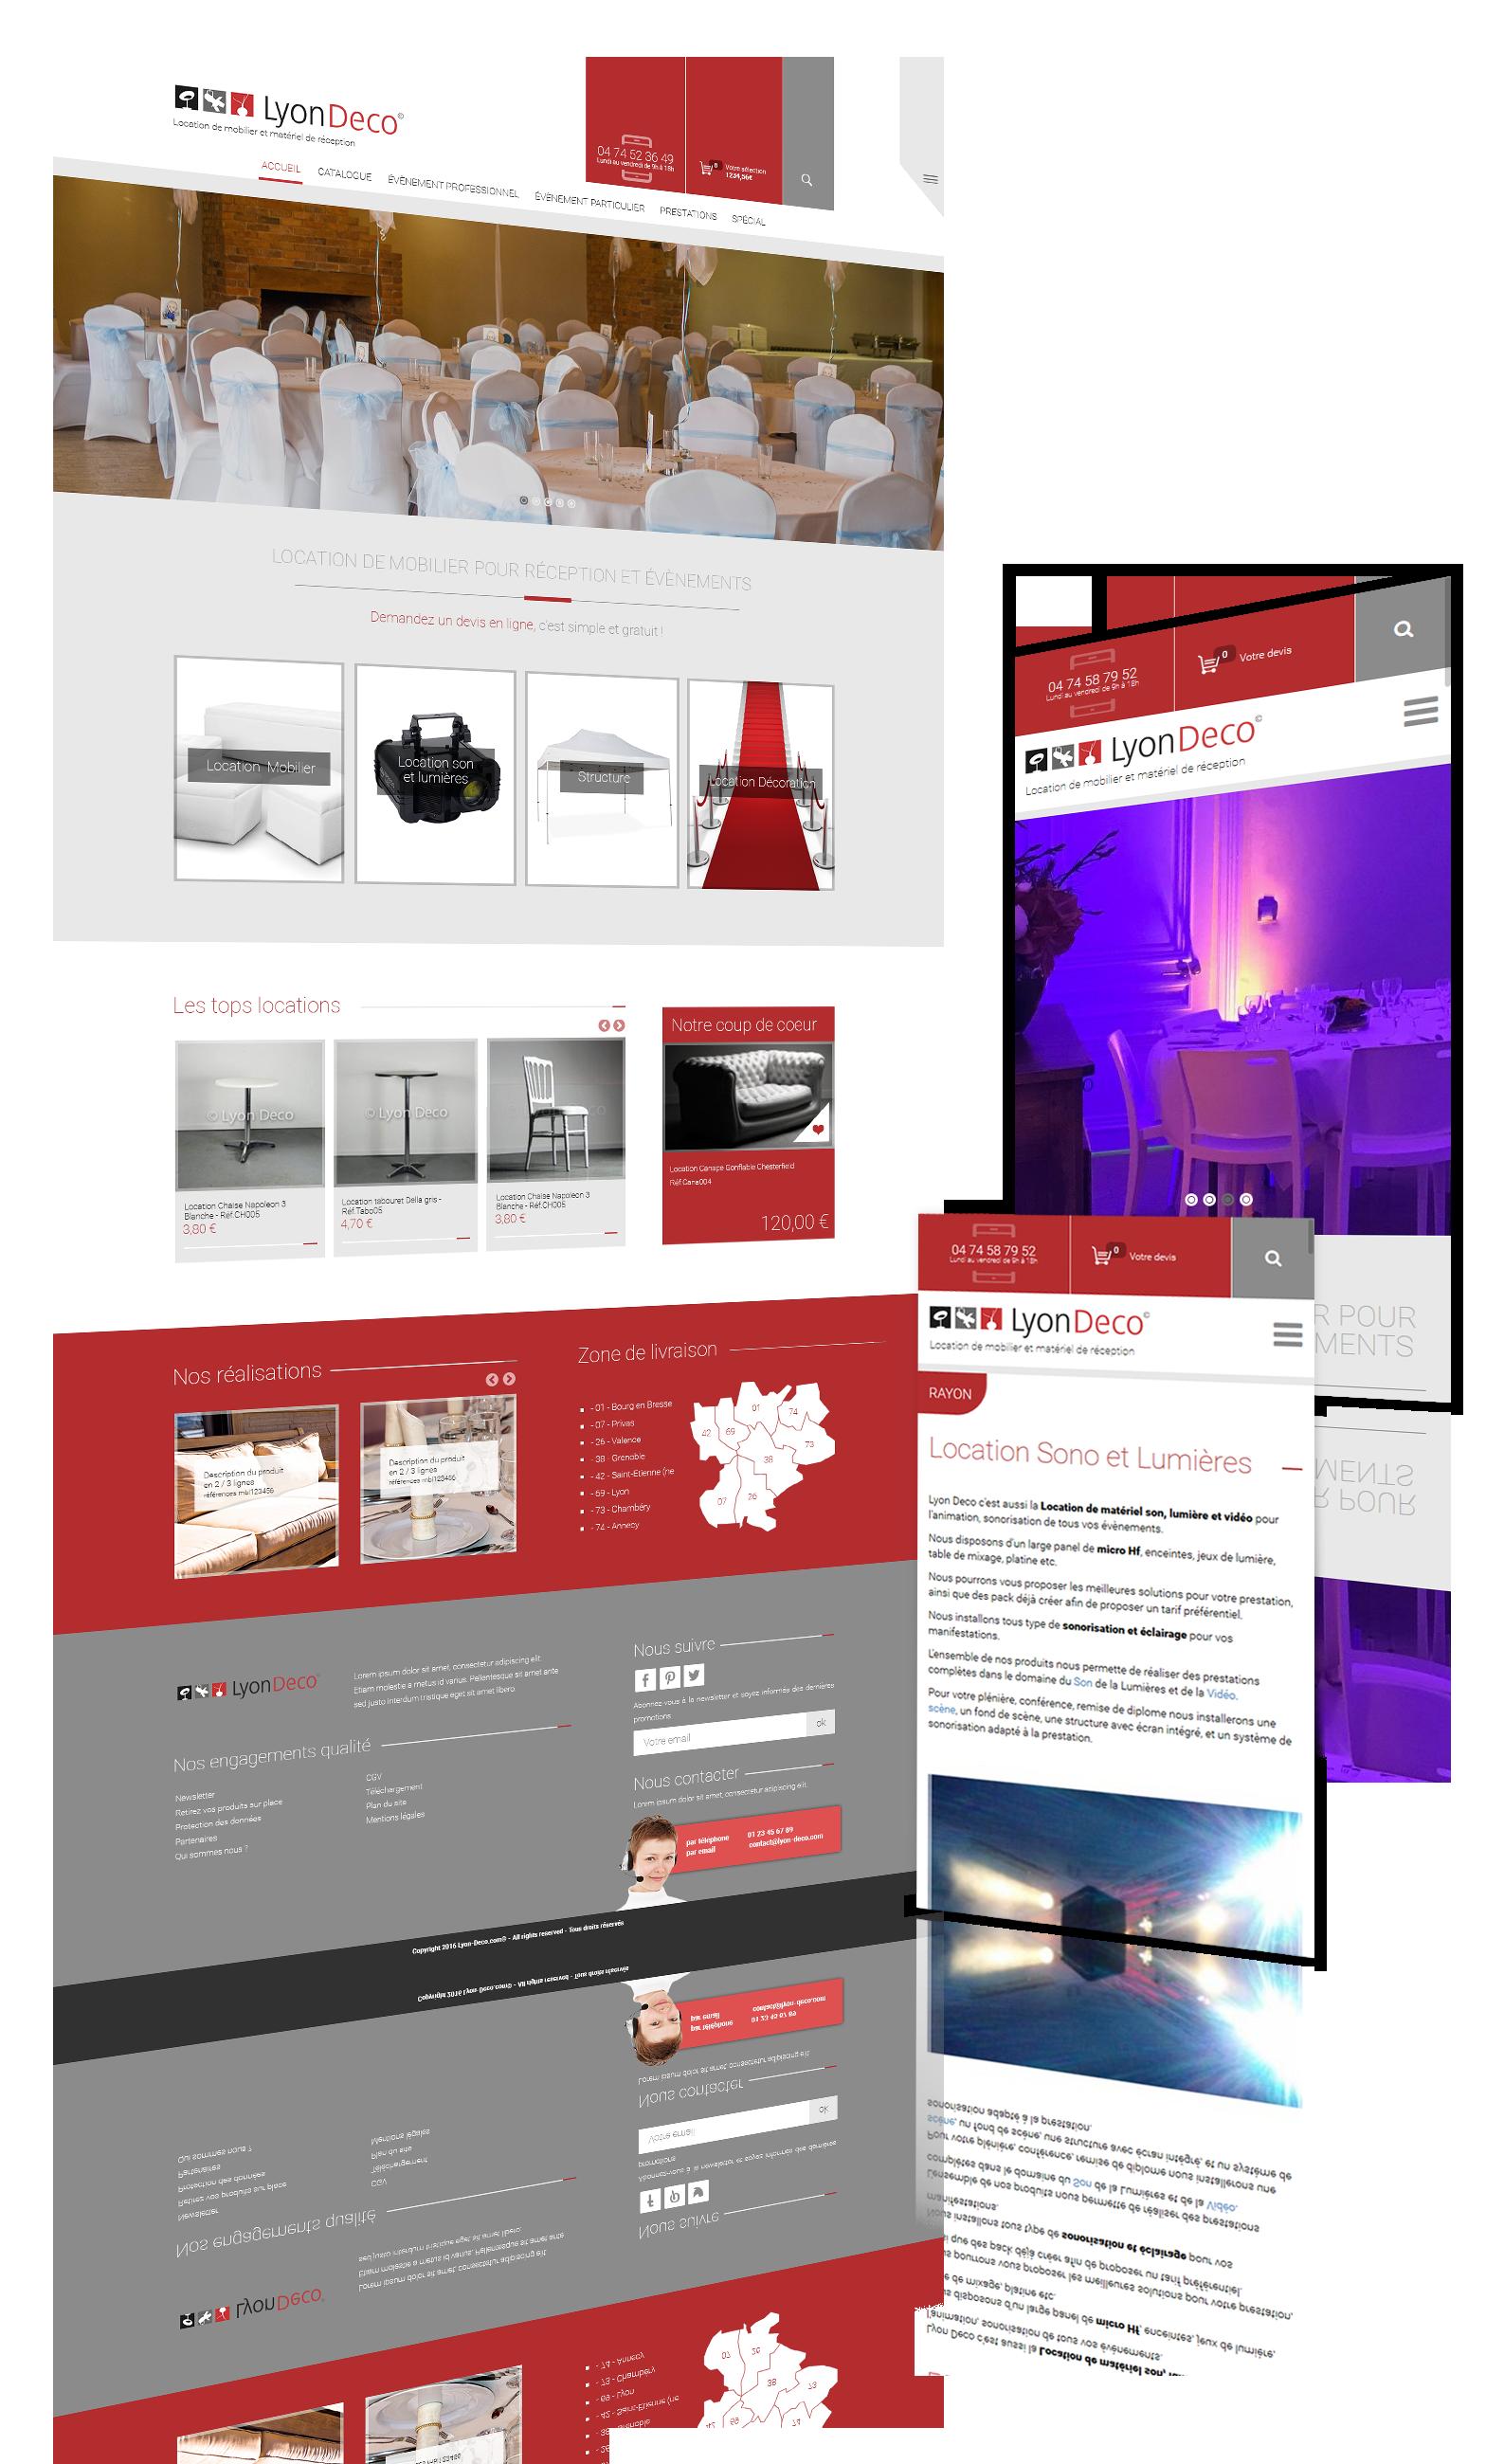 realisation-webdesign-lyon-deco-ok-2